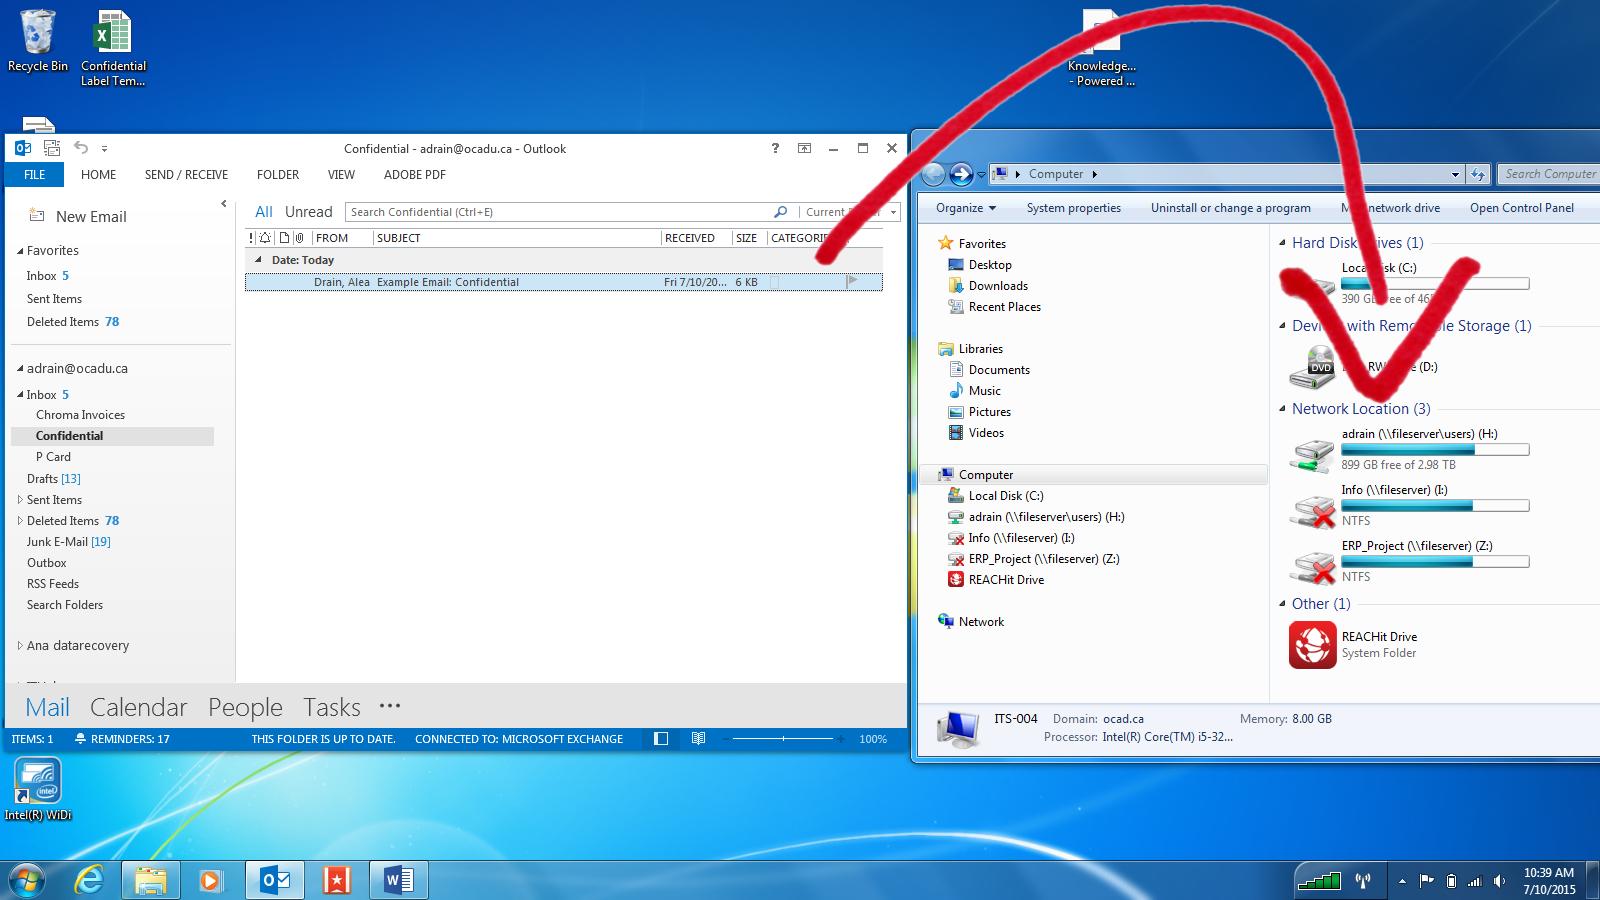 Email Folder